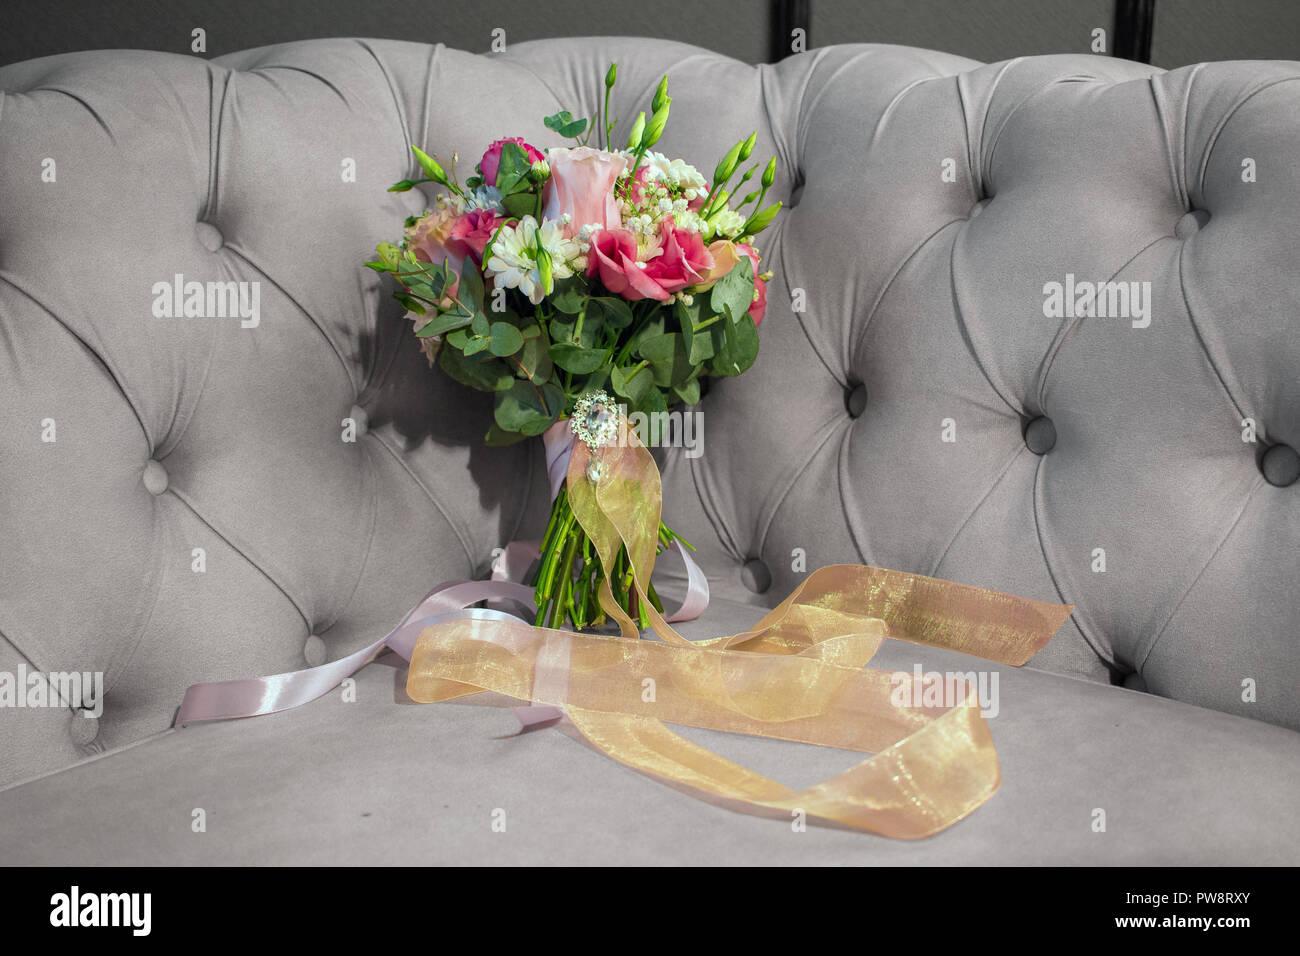 Boda Precioso Ramo De Flores Naturales En El Sofa Se Decolora En